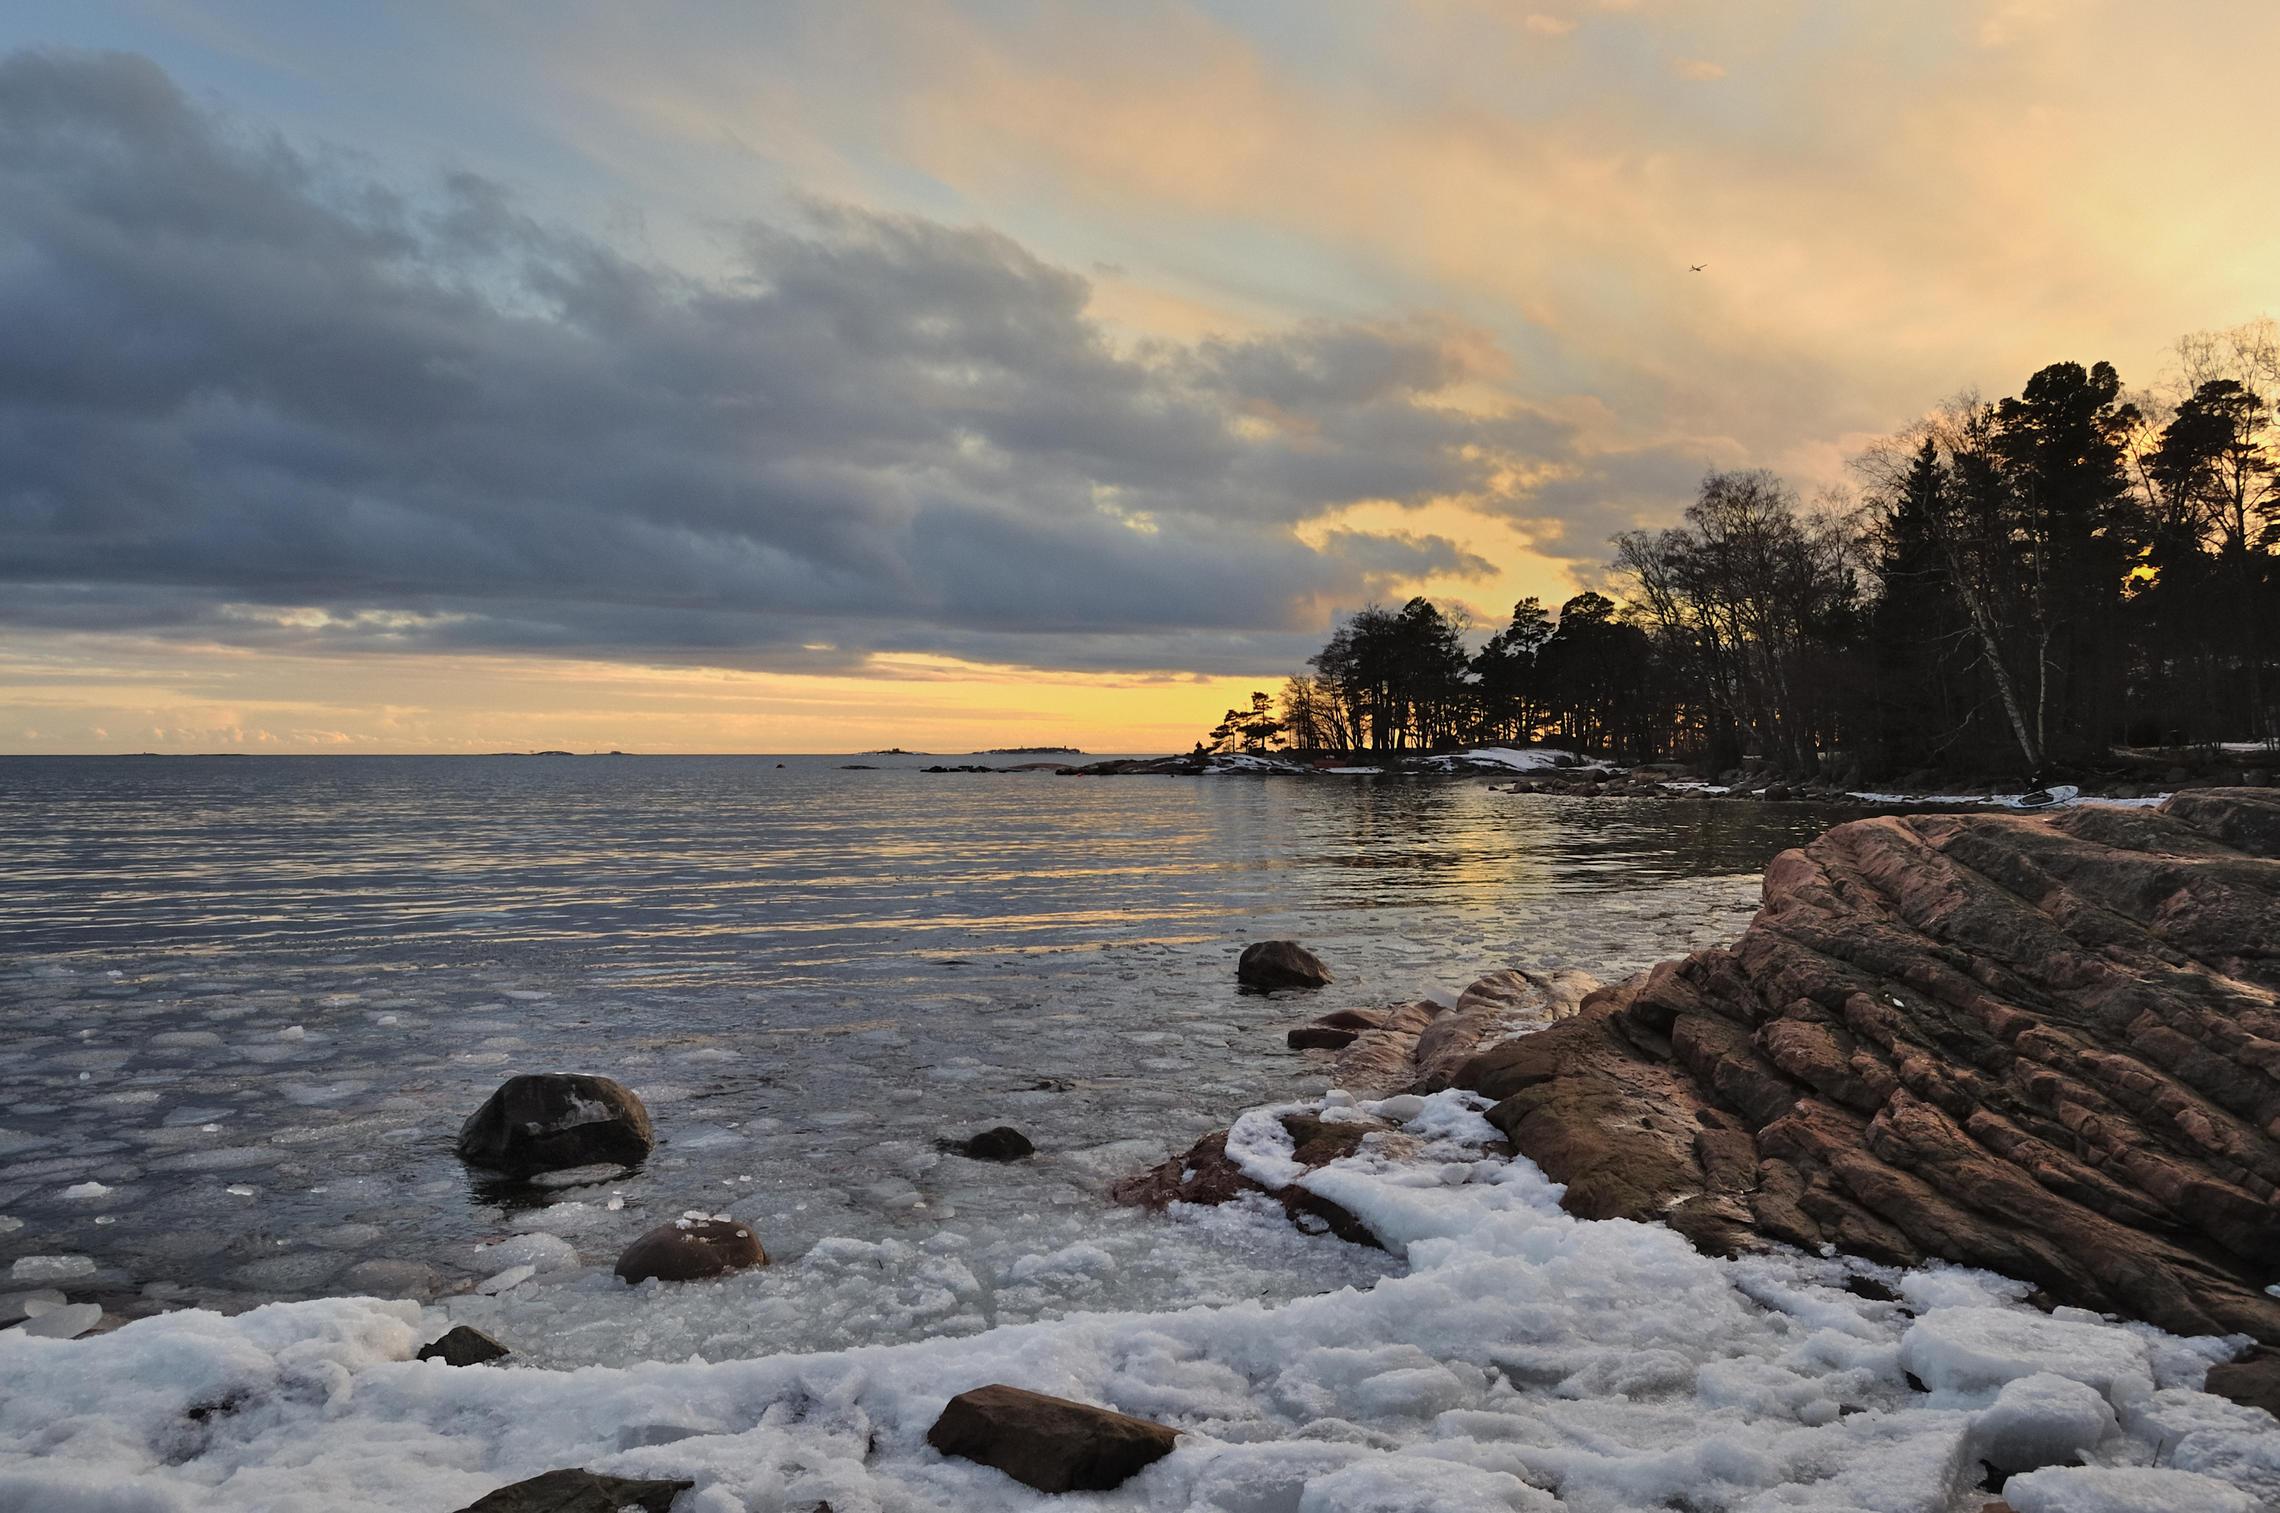 финский залив фото сегодня учитывать